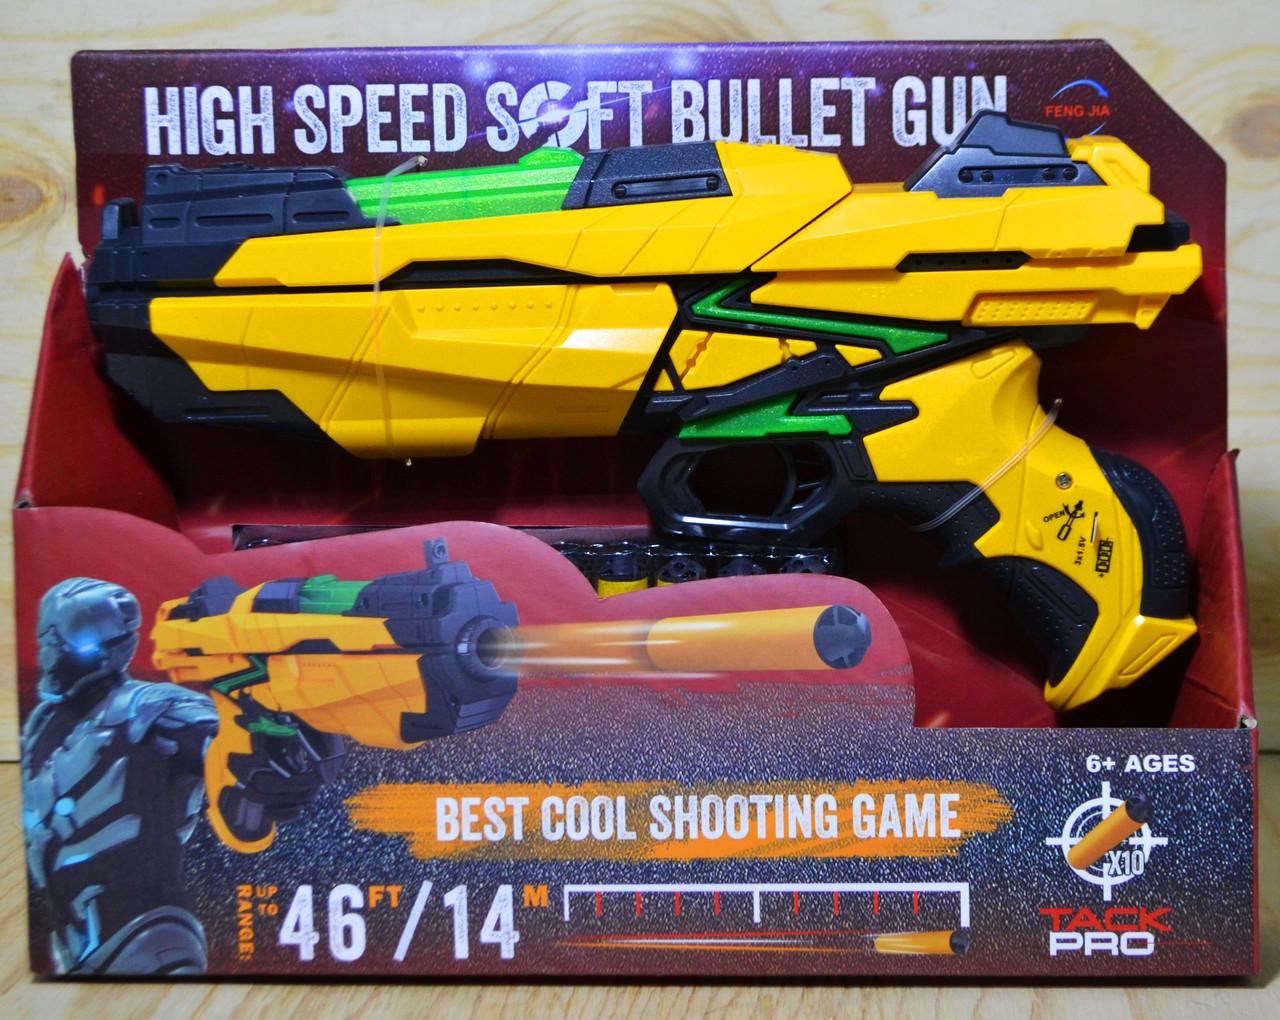 FJ1053 Желтый пистолет High Speed Soft bullet со звуком 10 патронов 30*13см